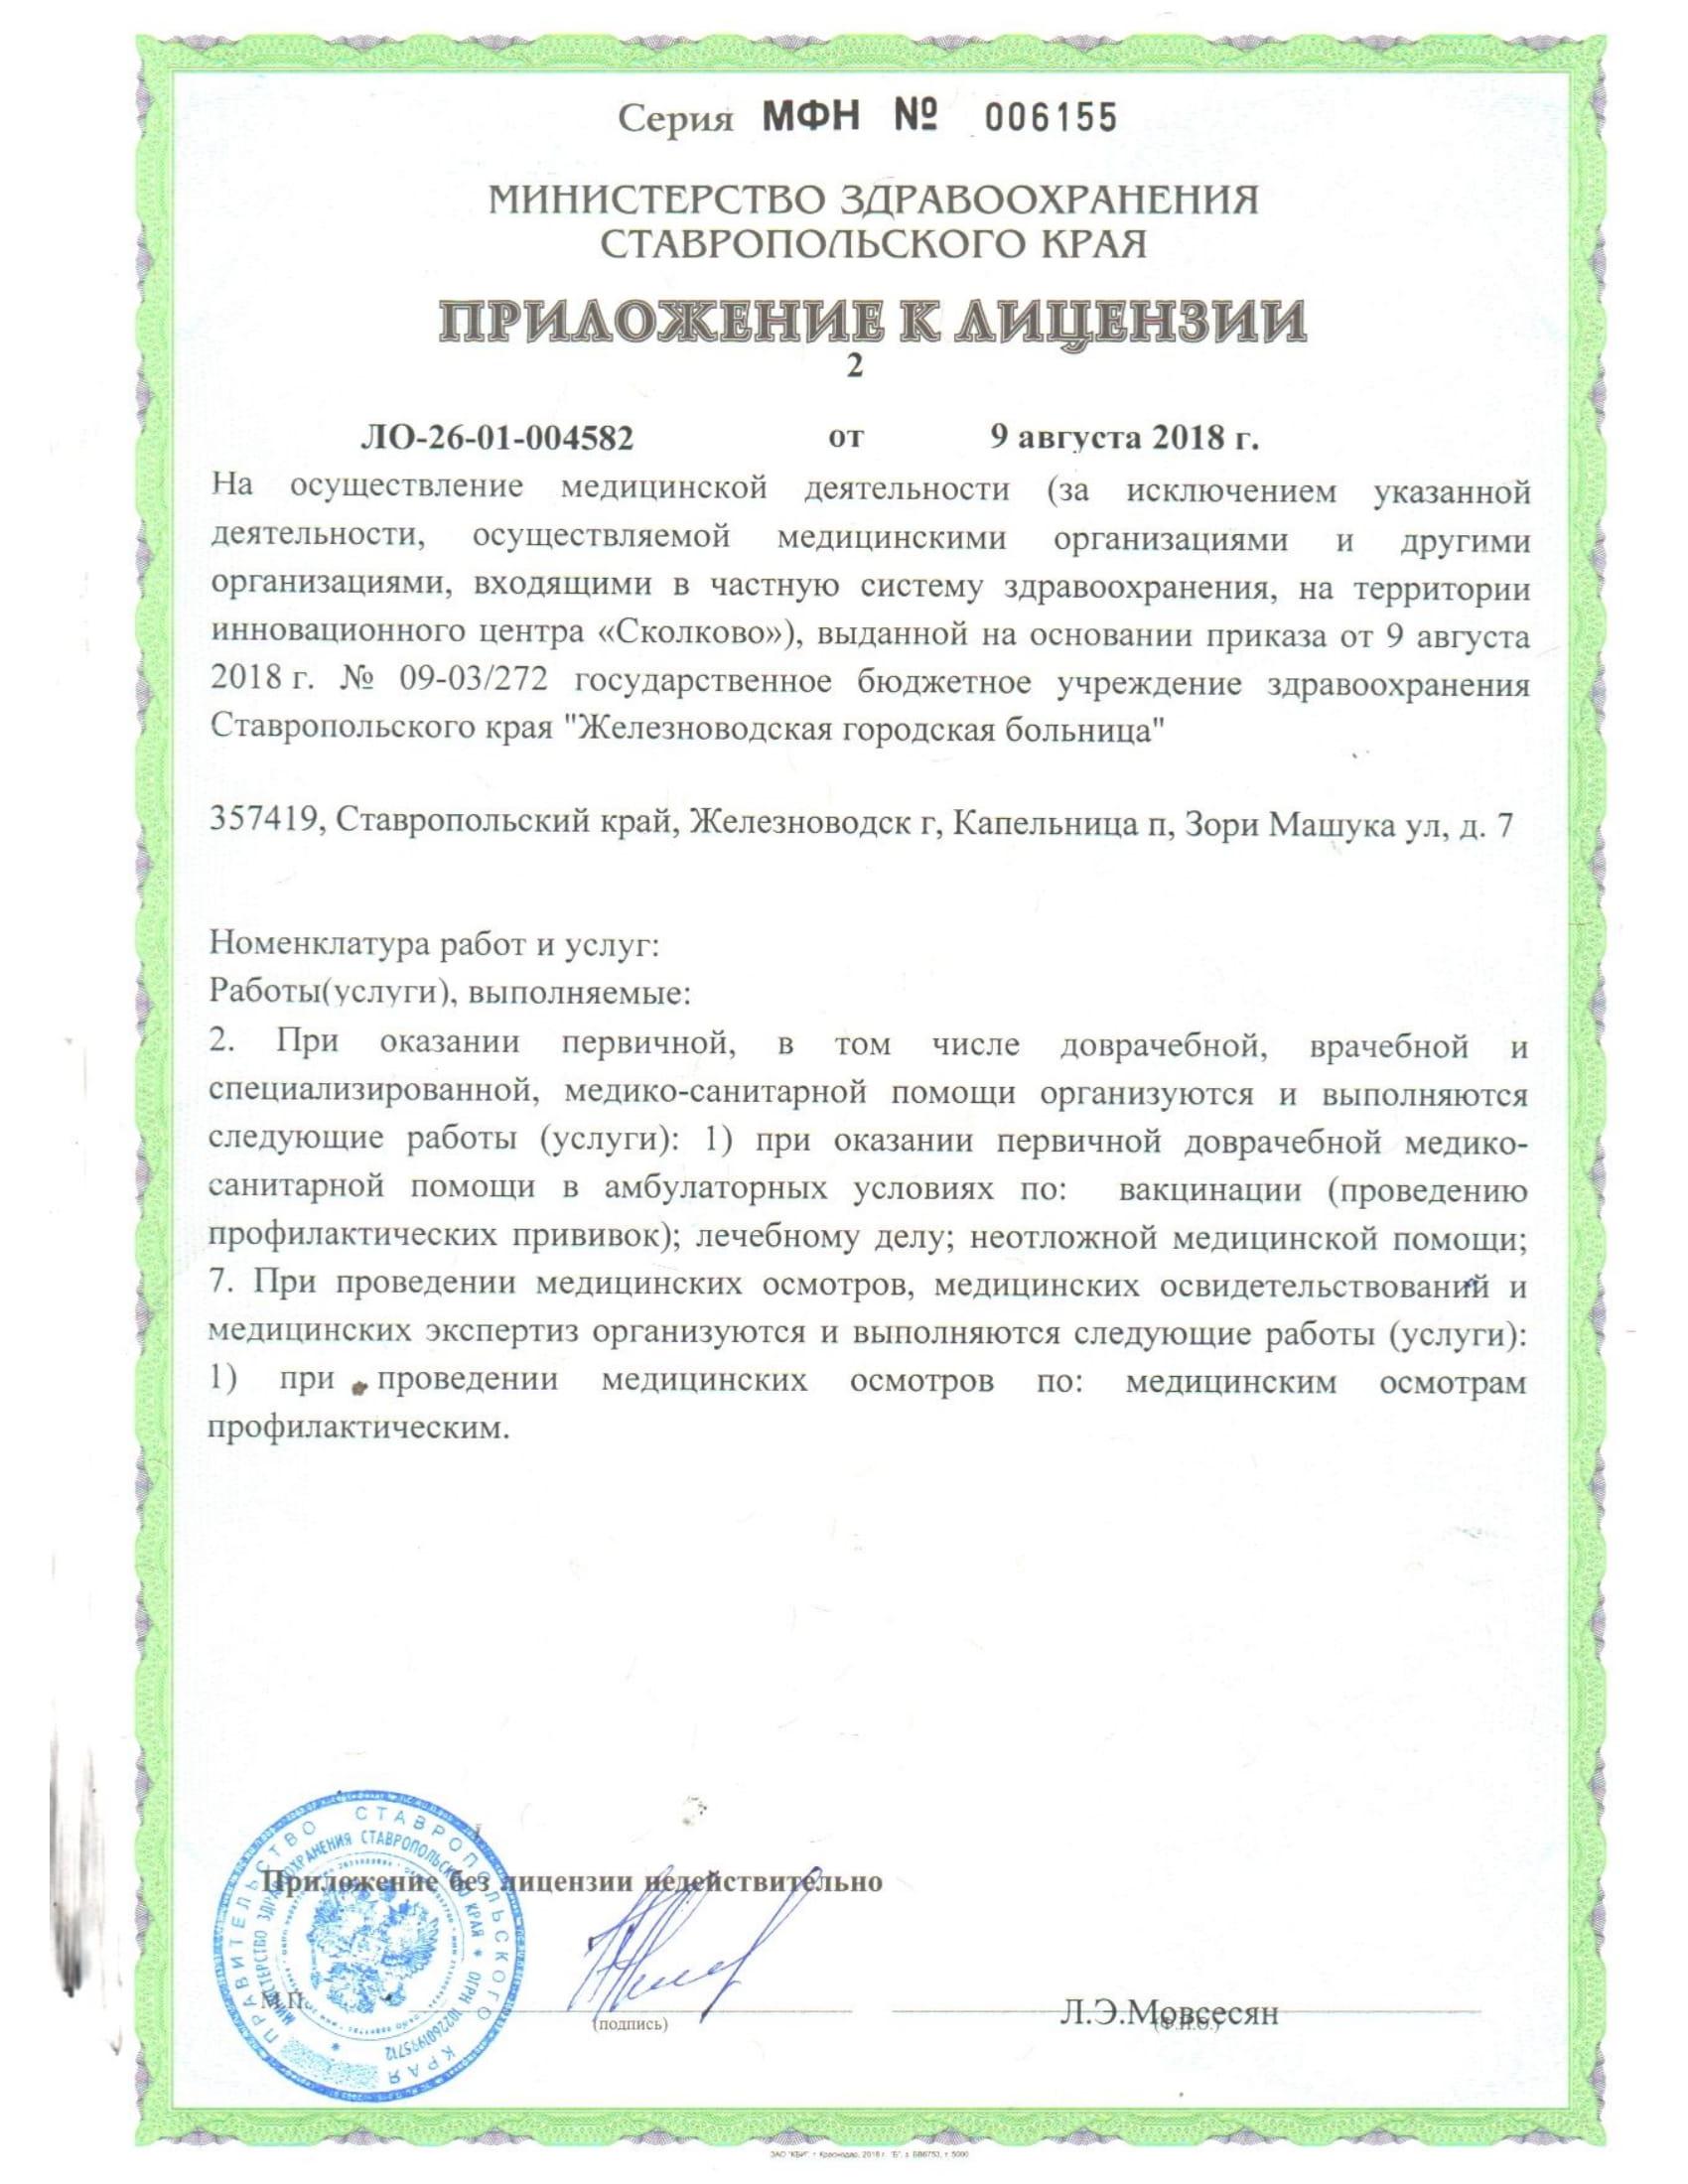 лицензия 2018 от 09.08.2018-05